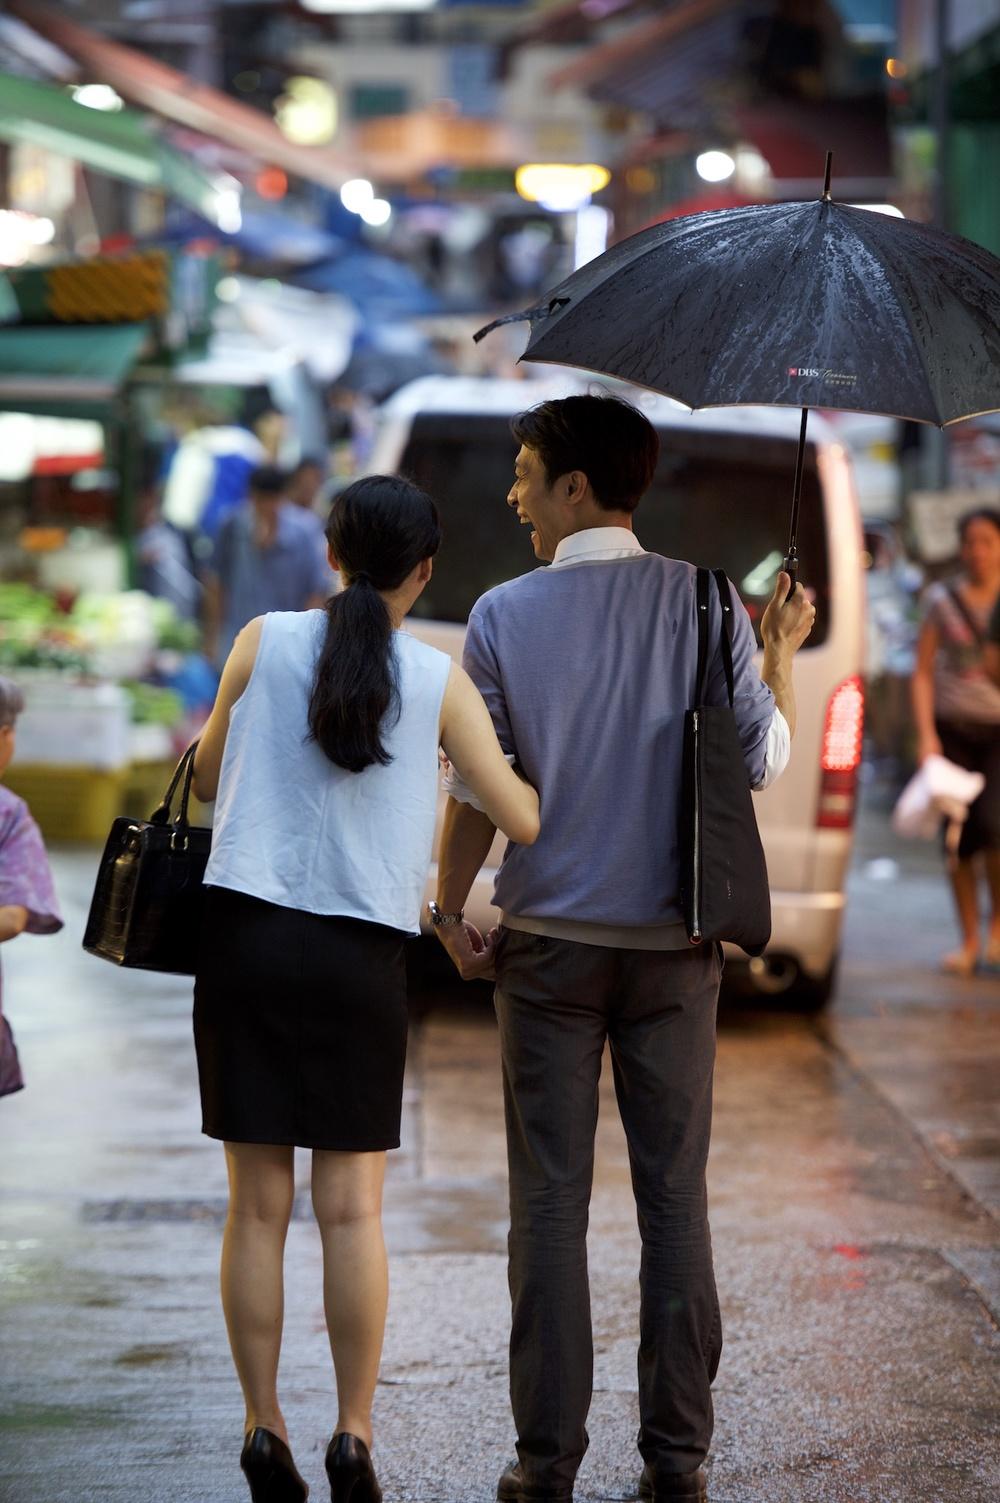 HK fedex_022.jpg